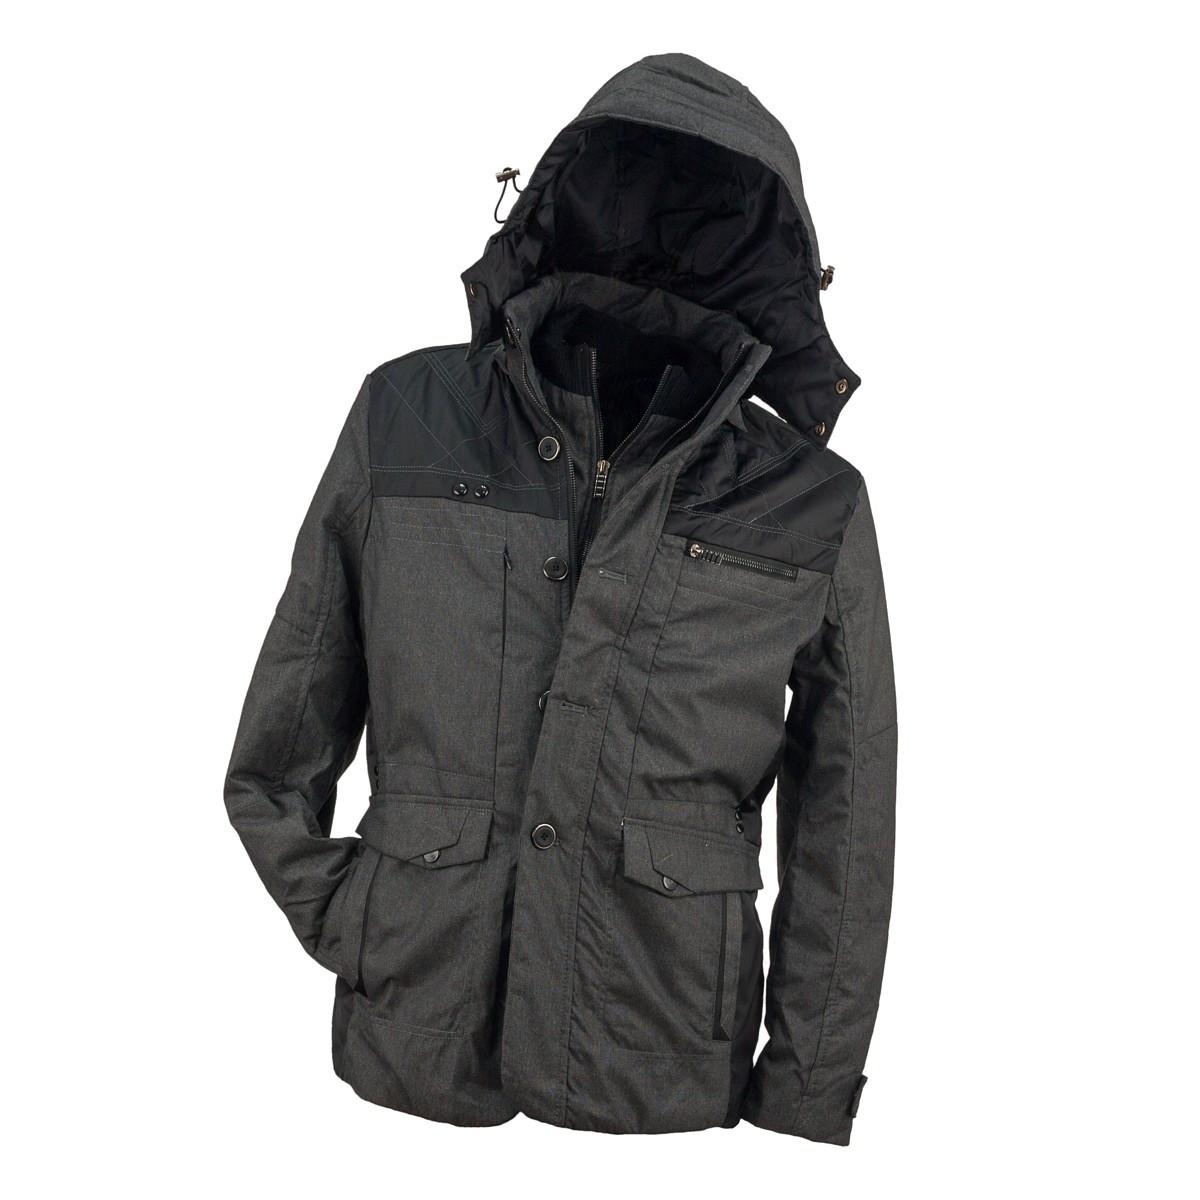 Куртка демисезонная URG-0912 выполнена из 100% полиэстера, черно-серого цвета.  Urgent (POLAND)